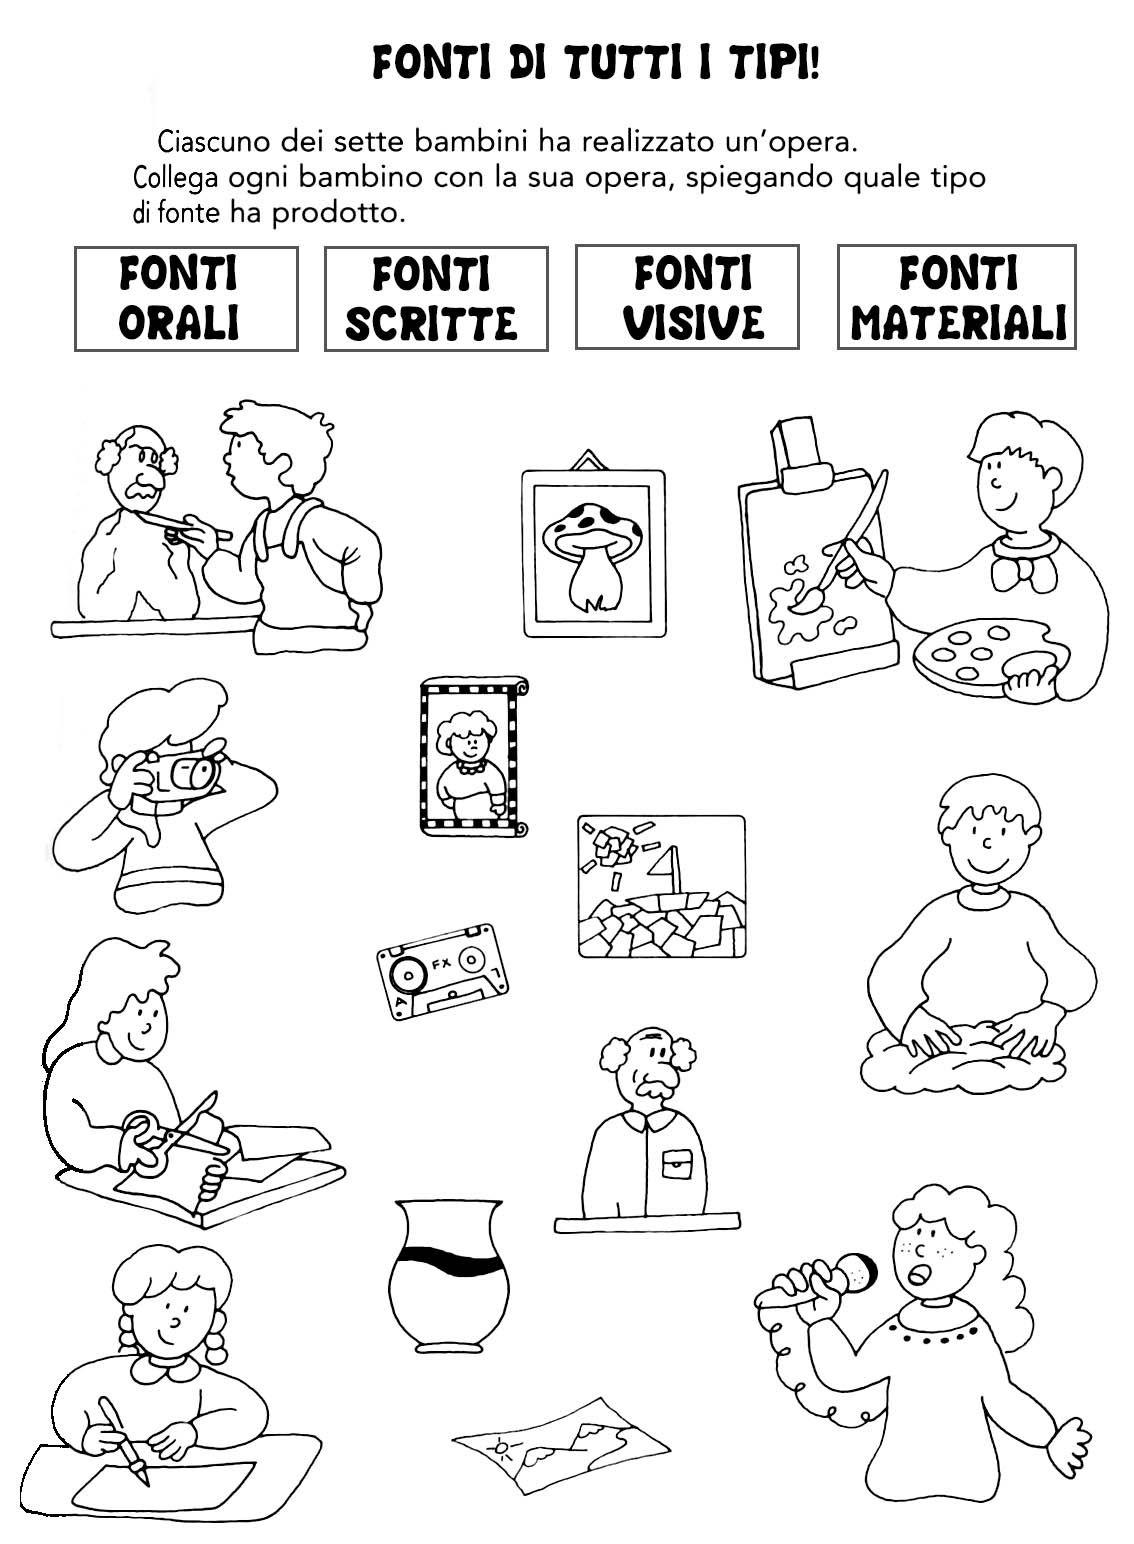 Da Maestro Alberto Le Fonti Vis Training Pinterest History